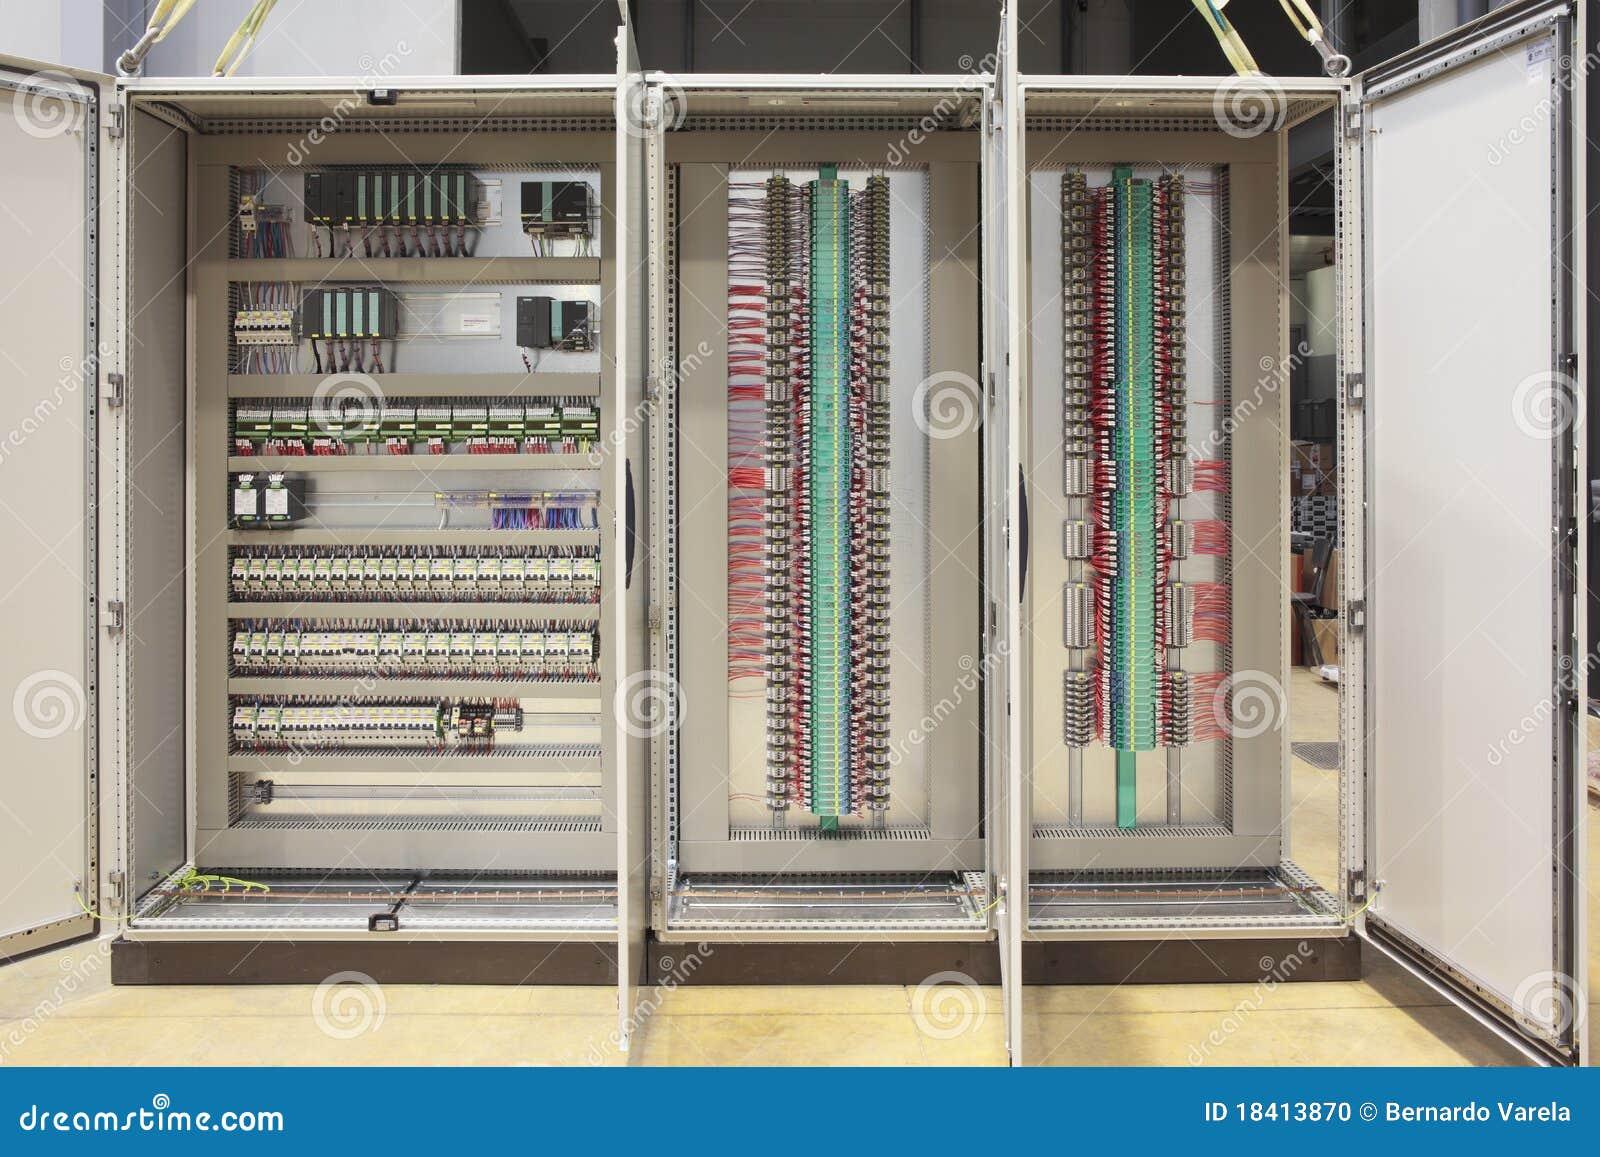 Barier deski panelu plc